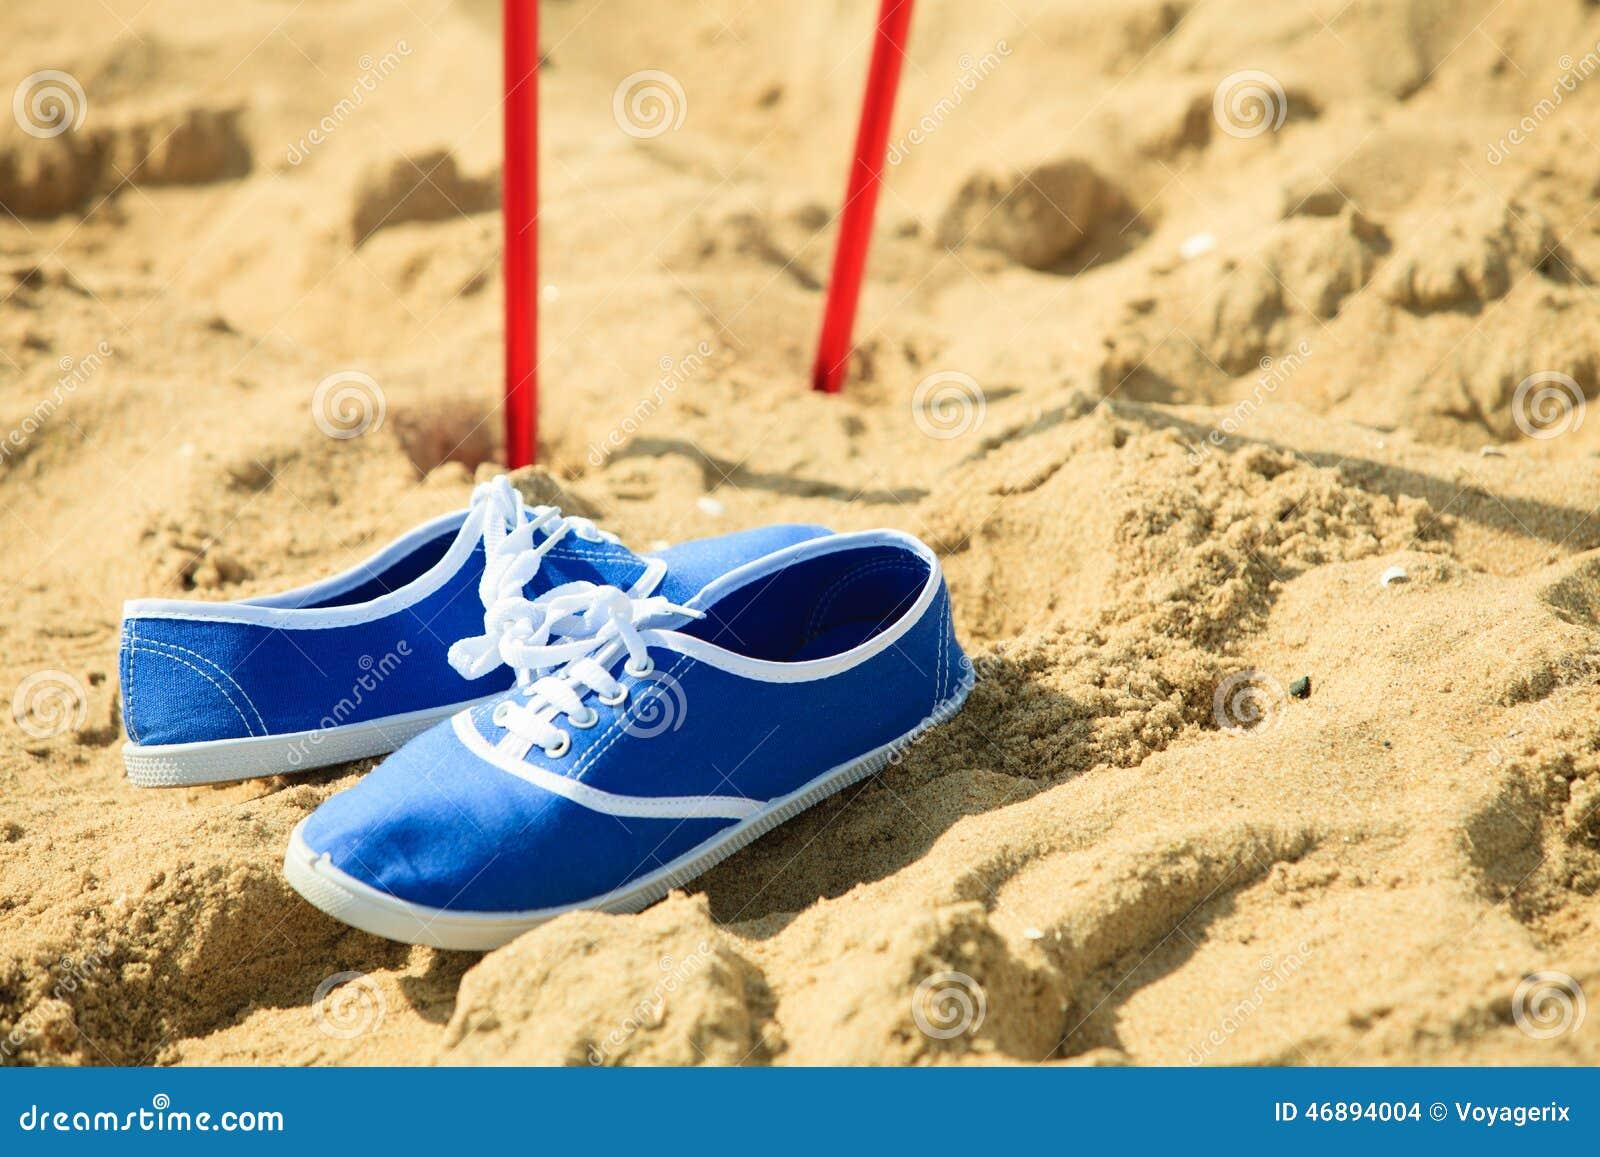 scarpe nordica